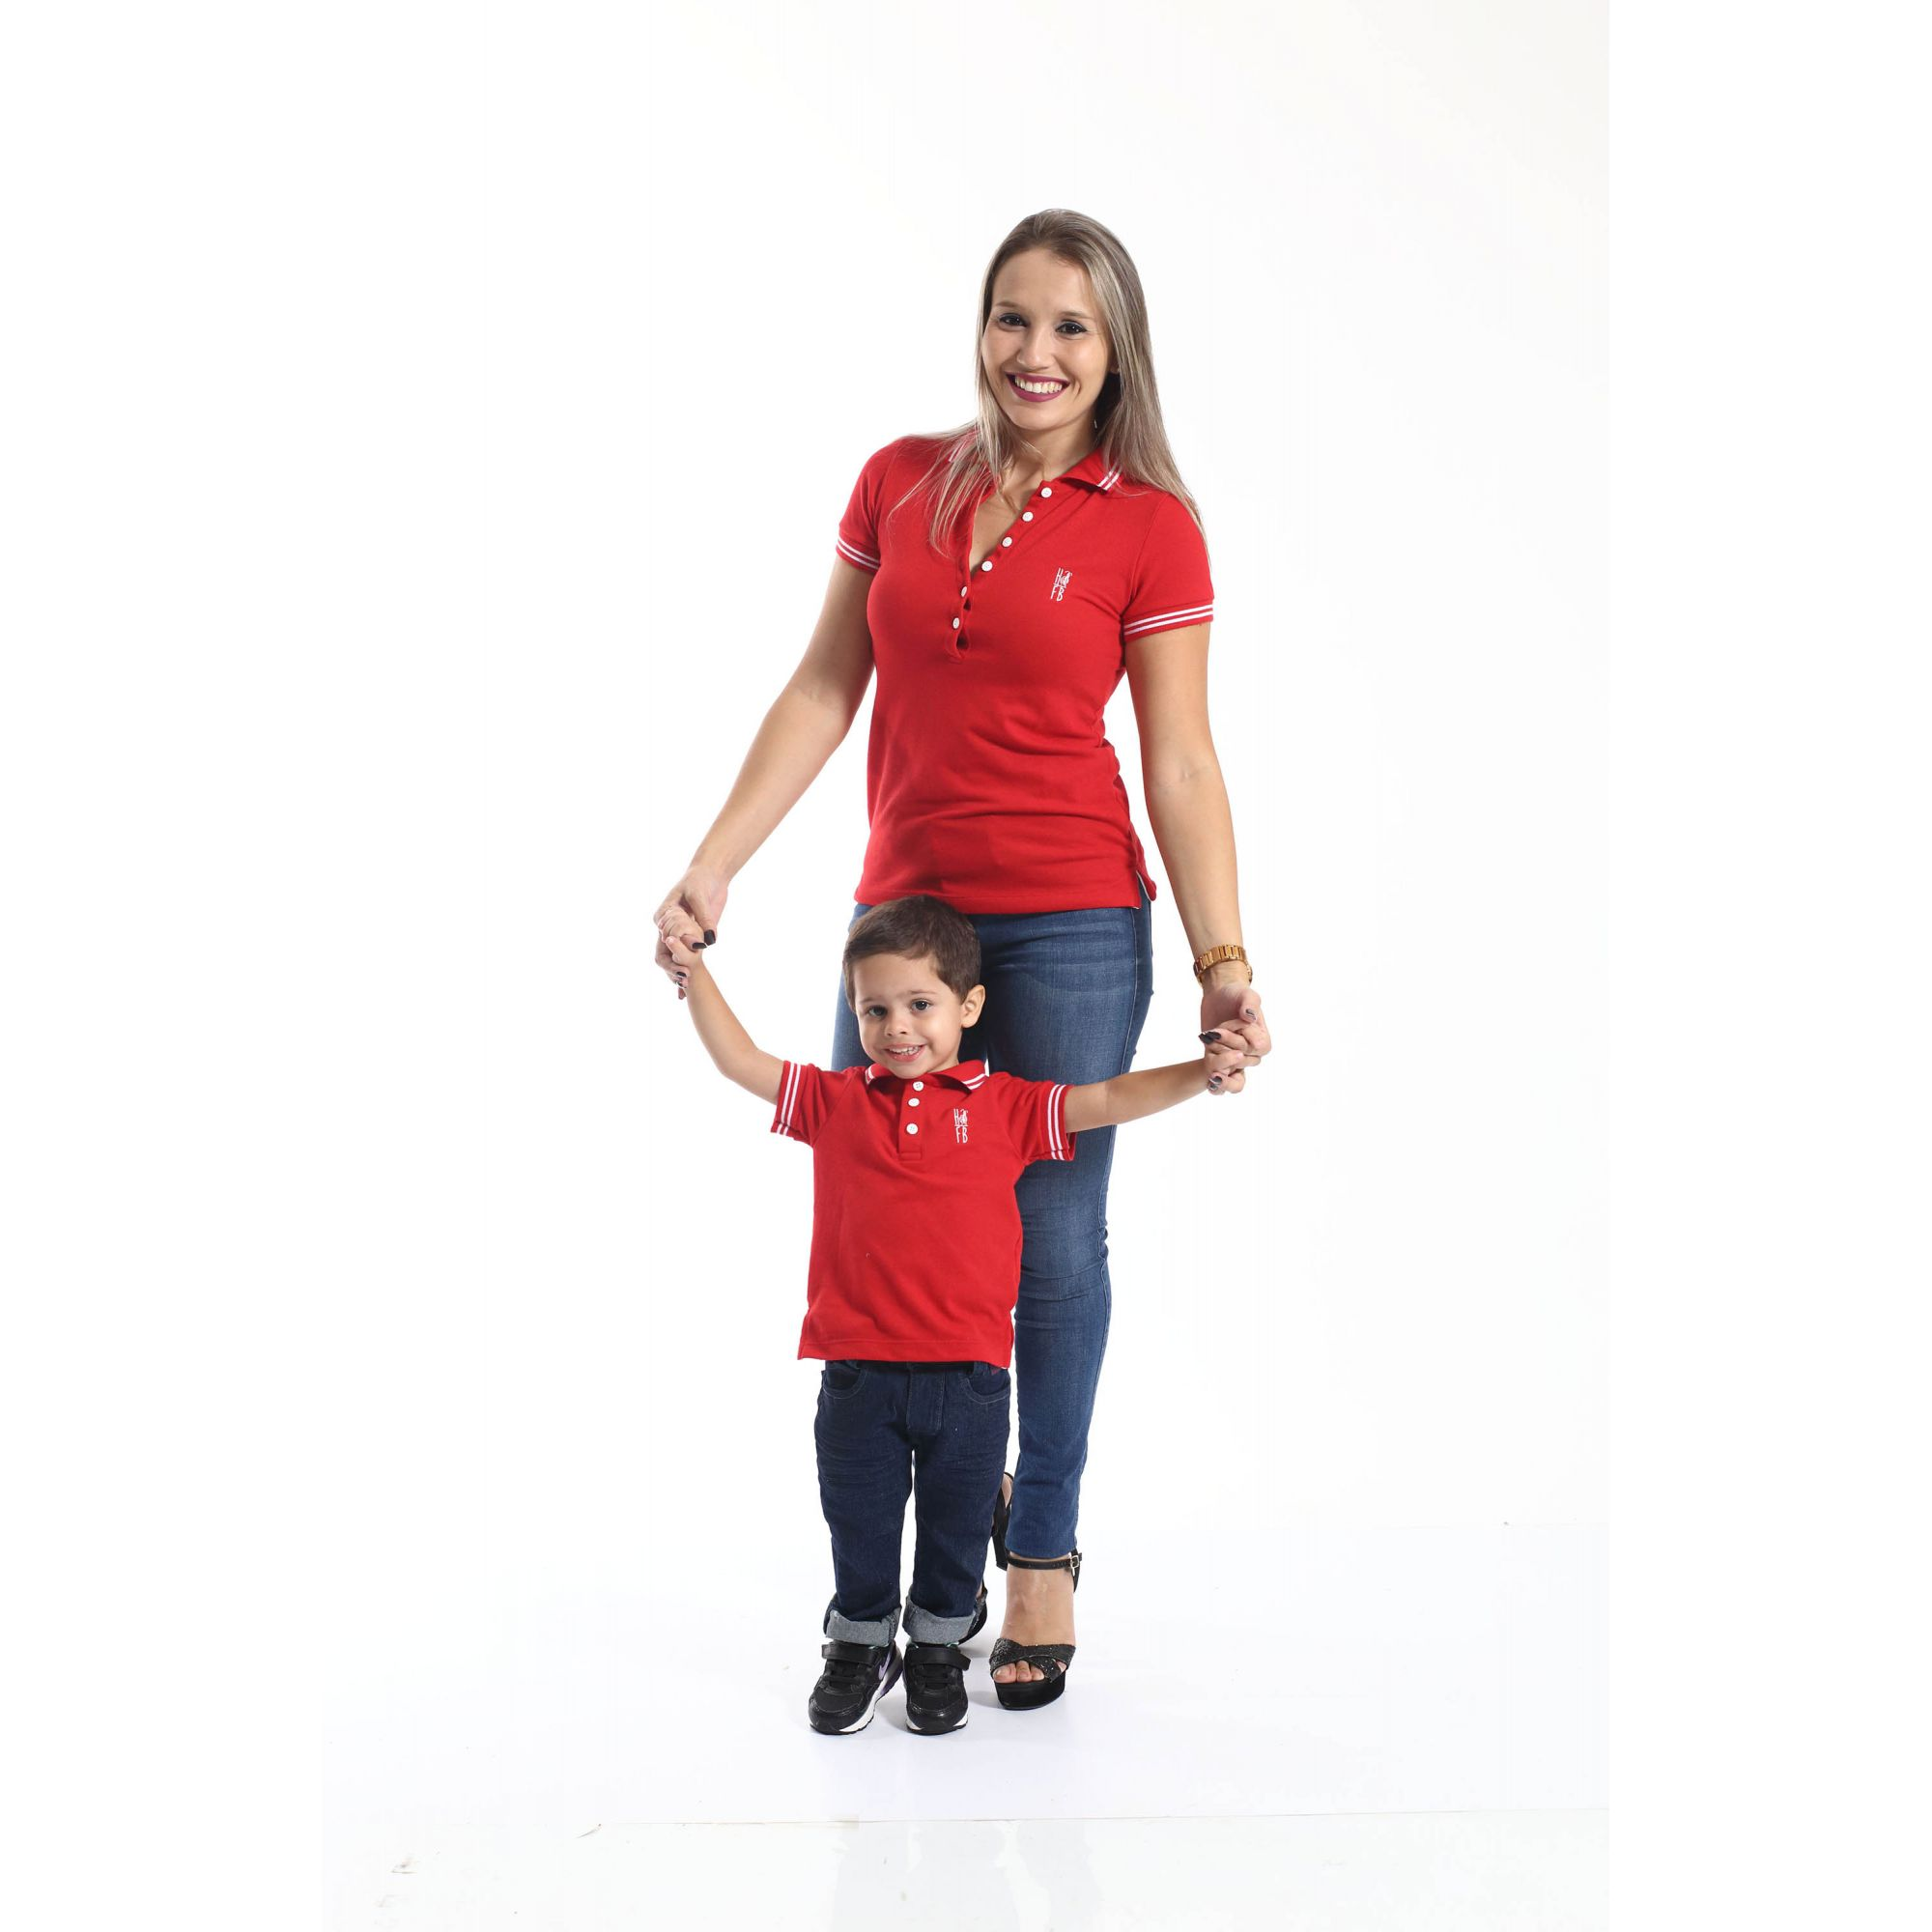 MÃE E FILHO > Kit 02 peças - Camisas ou Body Polo Vermelho Paixão   [Coleção Tal Mãe Tal Filho]